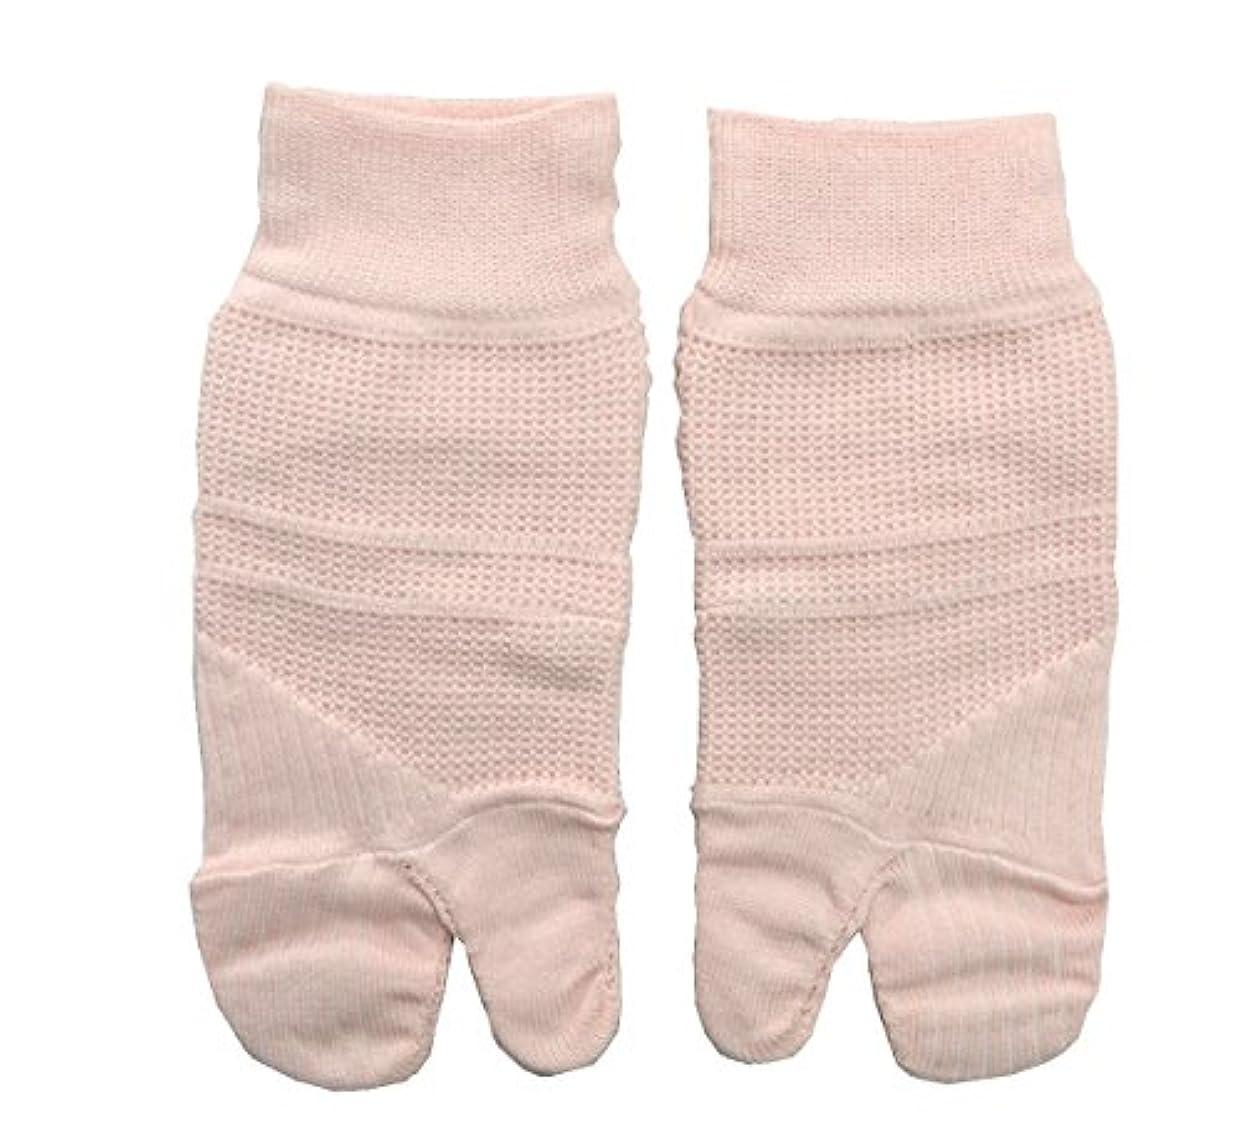 世論調査ドラム多用途外反母趾対策靴下(通常タイプ) コーポレーションパールスター?広島大学大学院特許製品